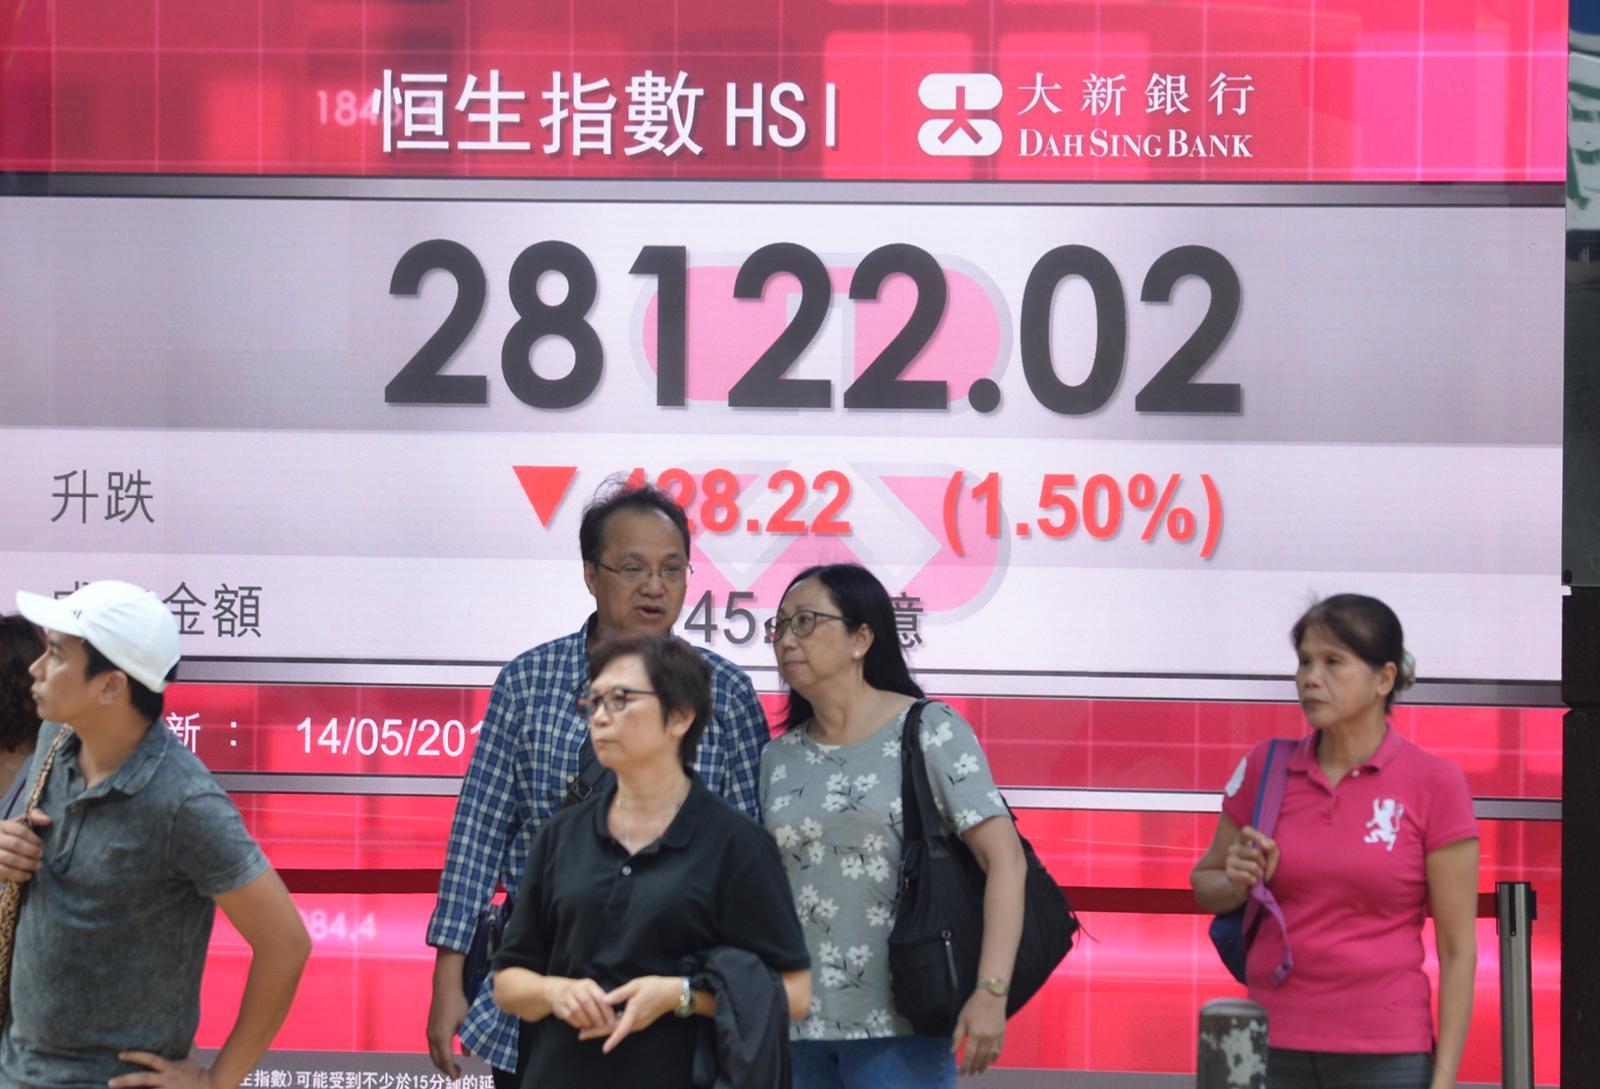 中美貿易戰升級,港股跟隨美股顯著下挫。